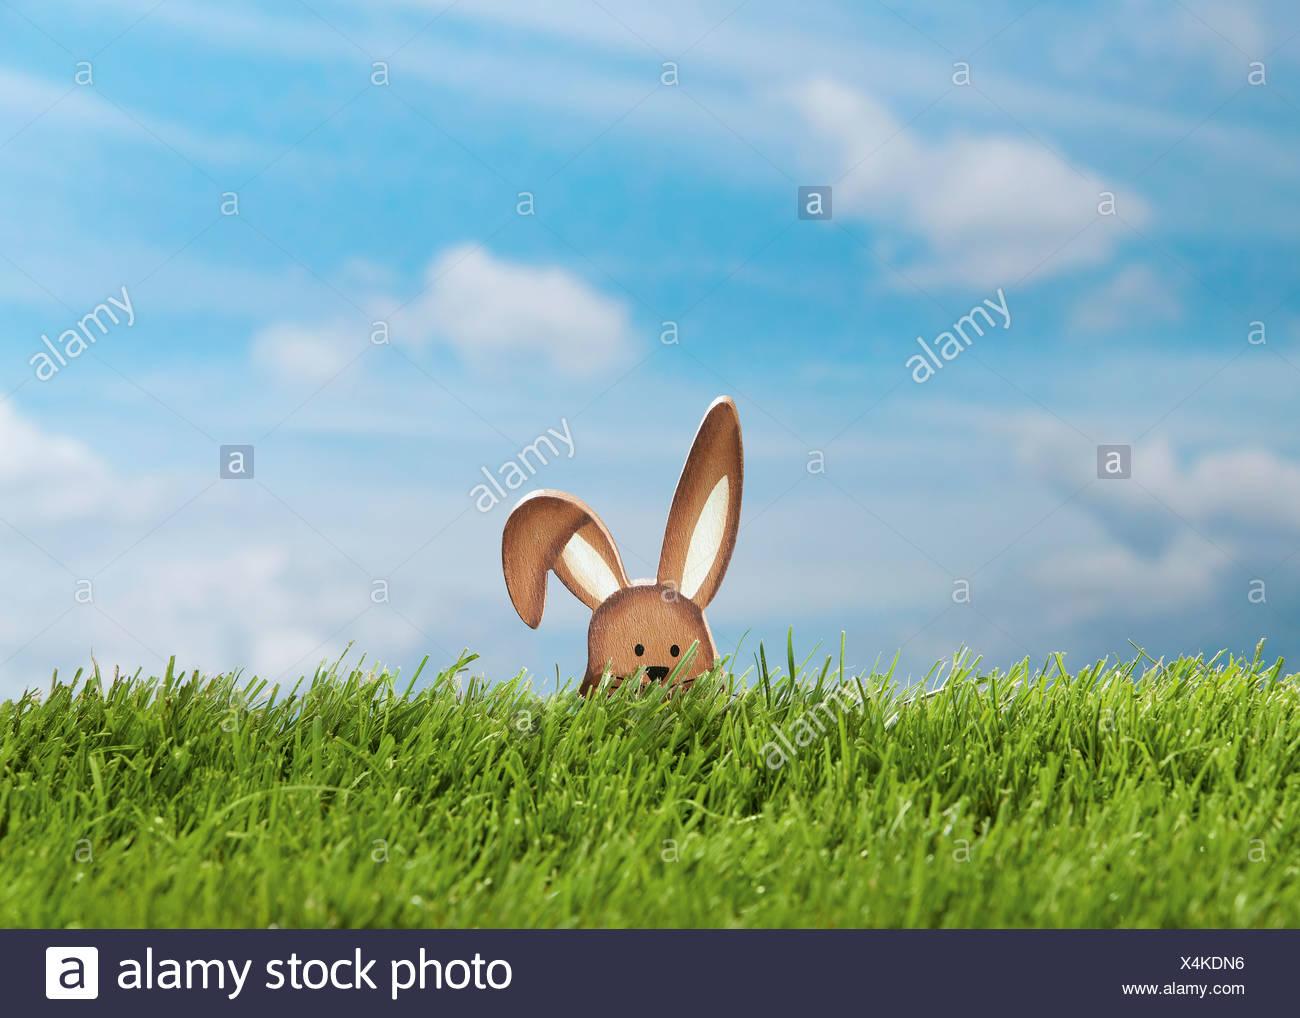 Allemagne, lapin de Pâques figure dans le pré Photo Stock